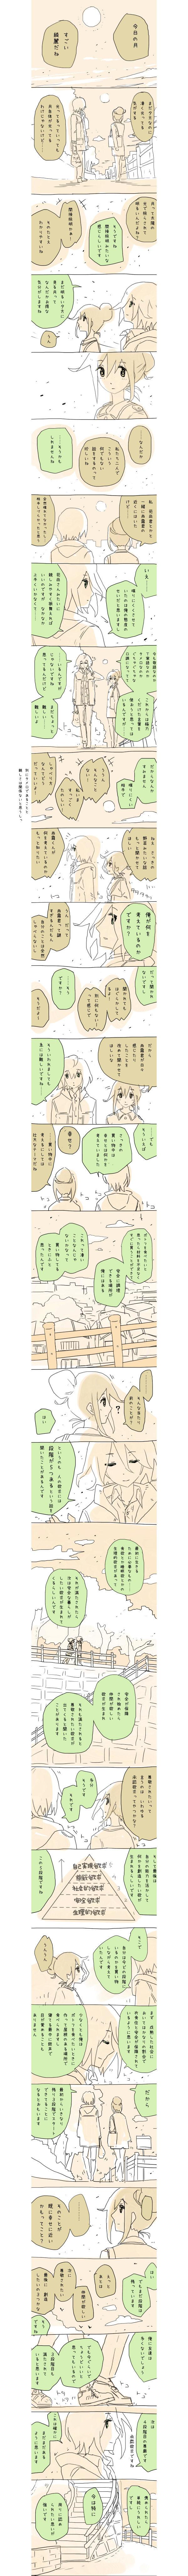 b22_02.jpg